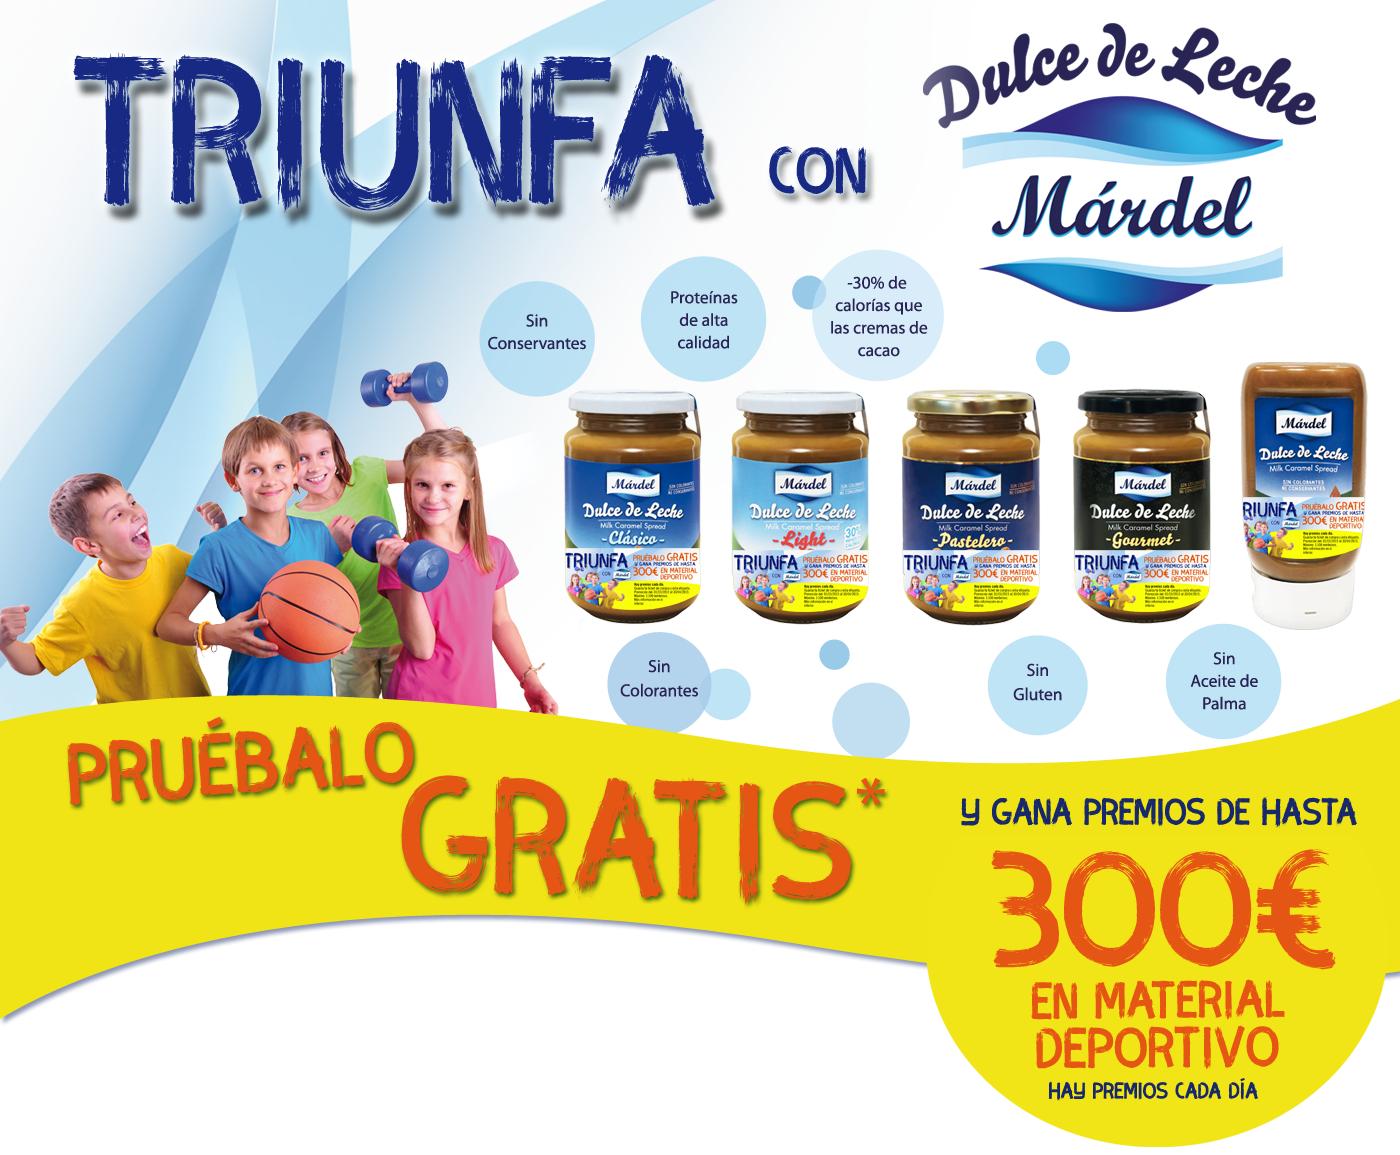 Chollidulce de  leche Gratis con Mardel (reembolso)